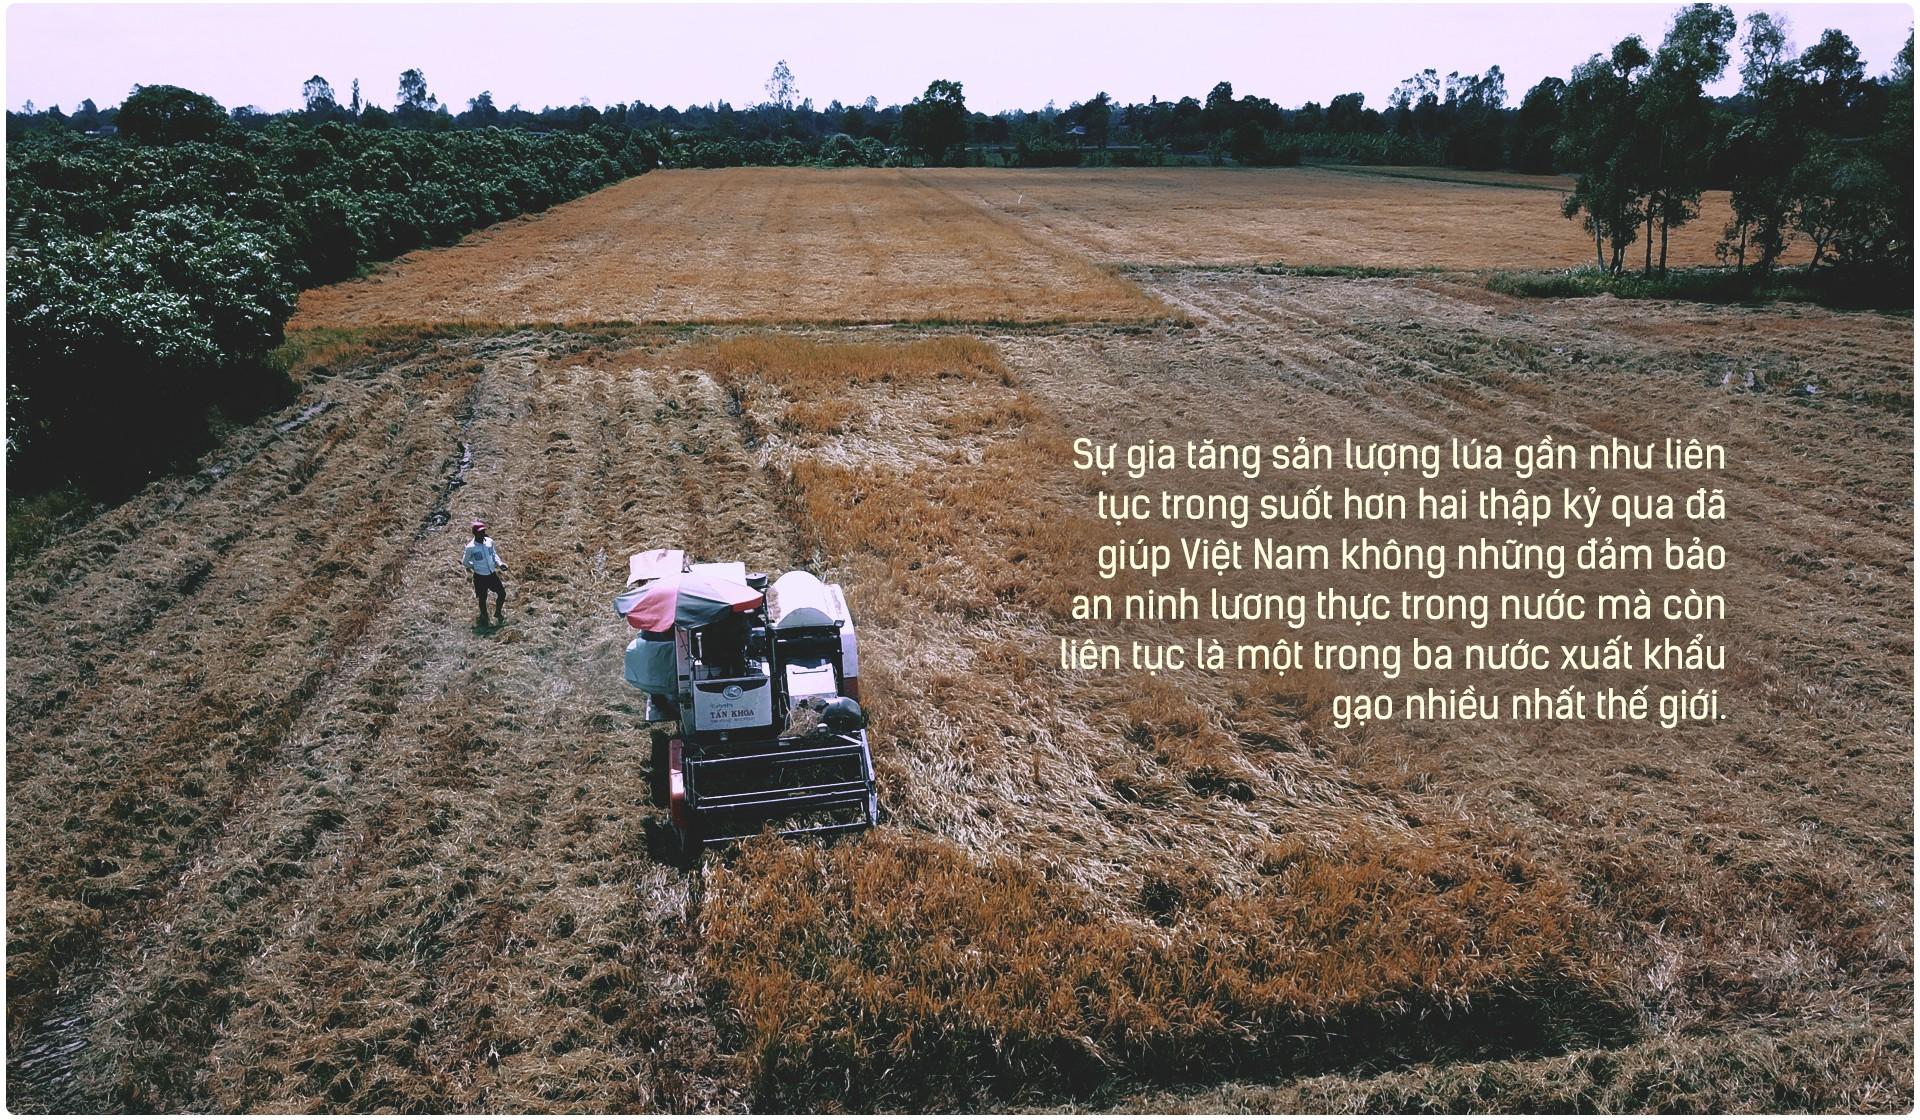 Hạt gạo Việt: 30 năm, một nỗi đau đáu về thương hiệu - Ảnh 9.